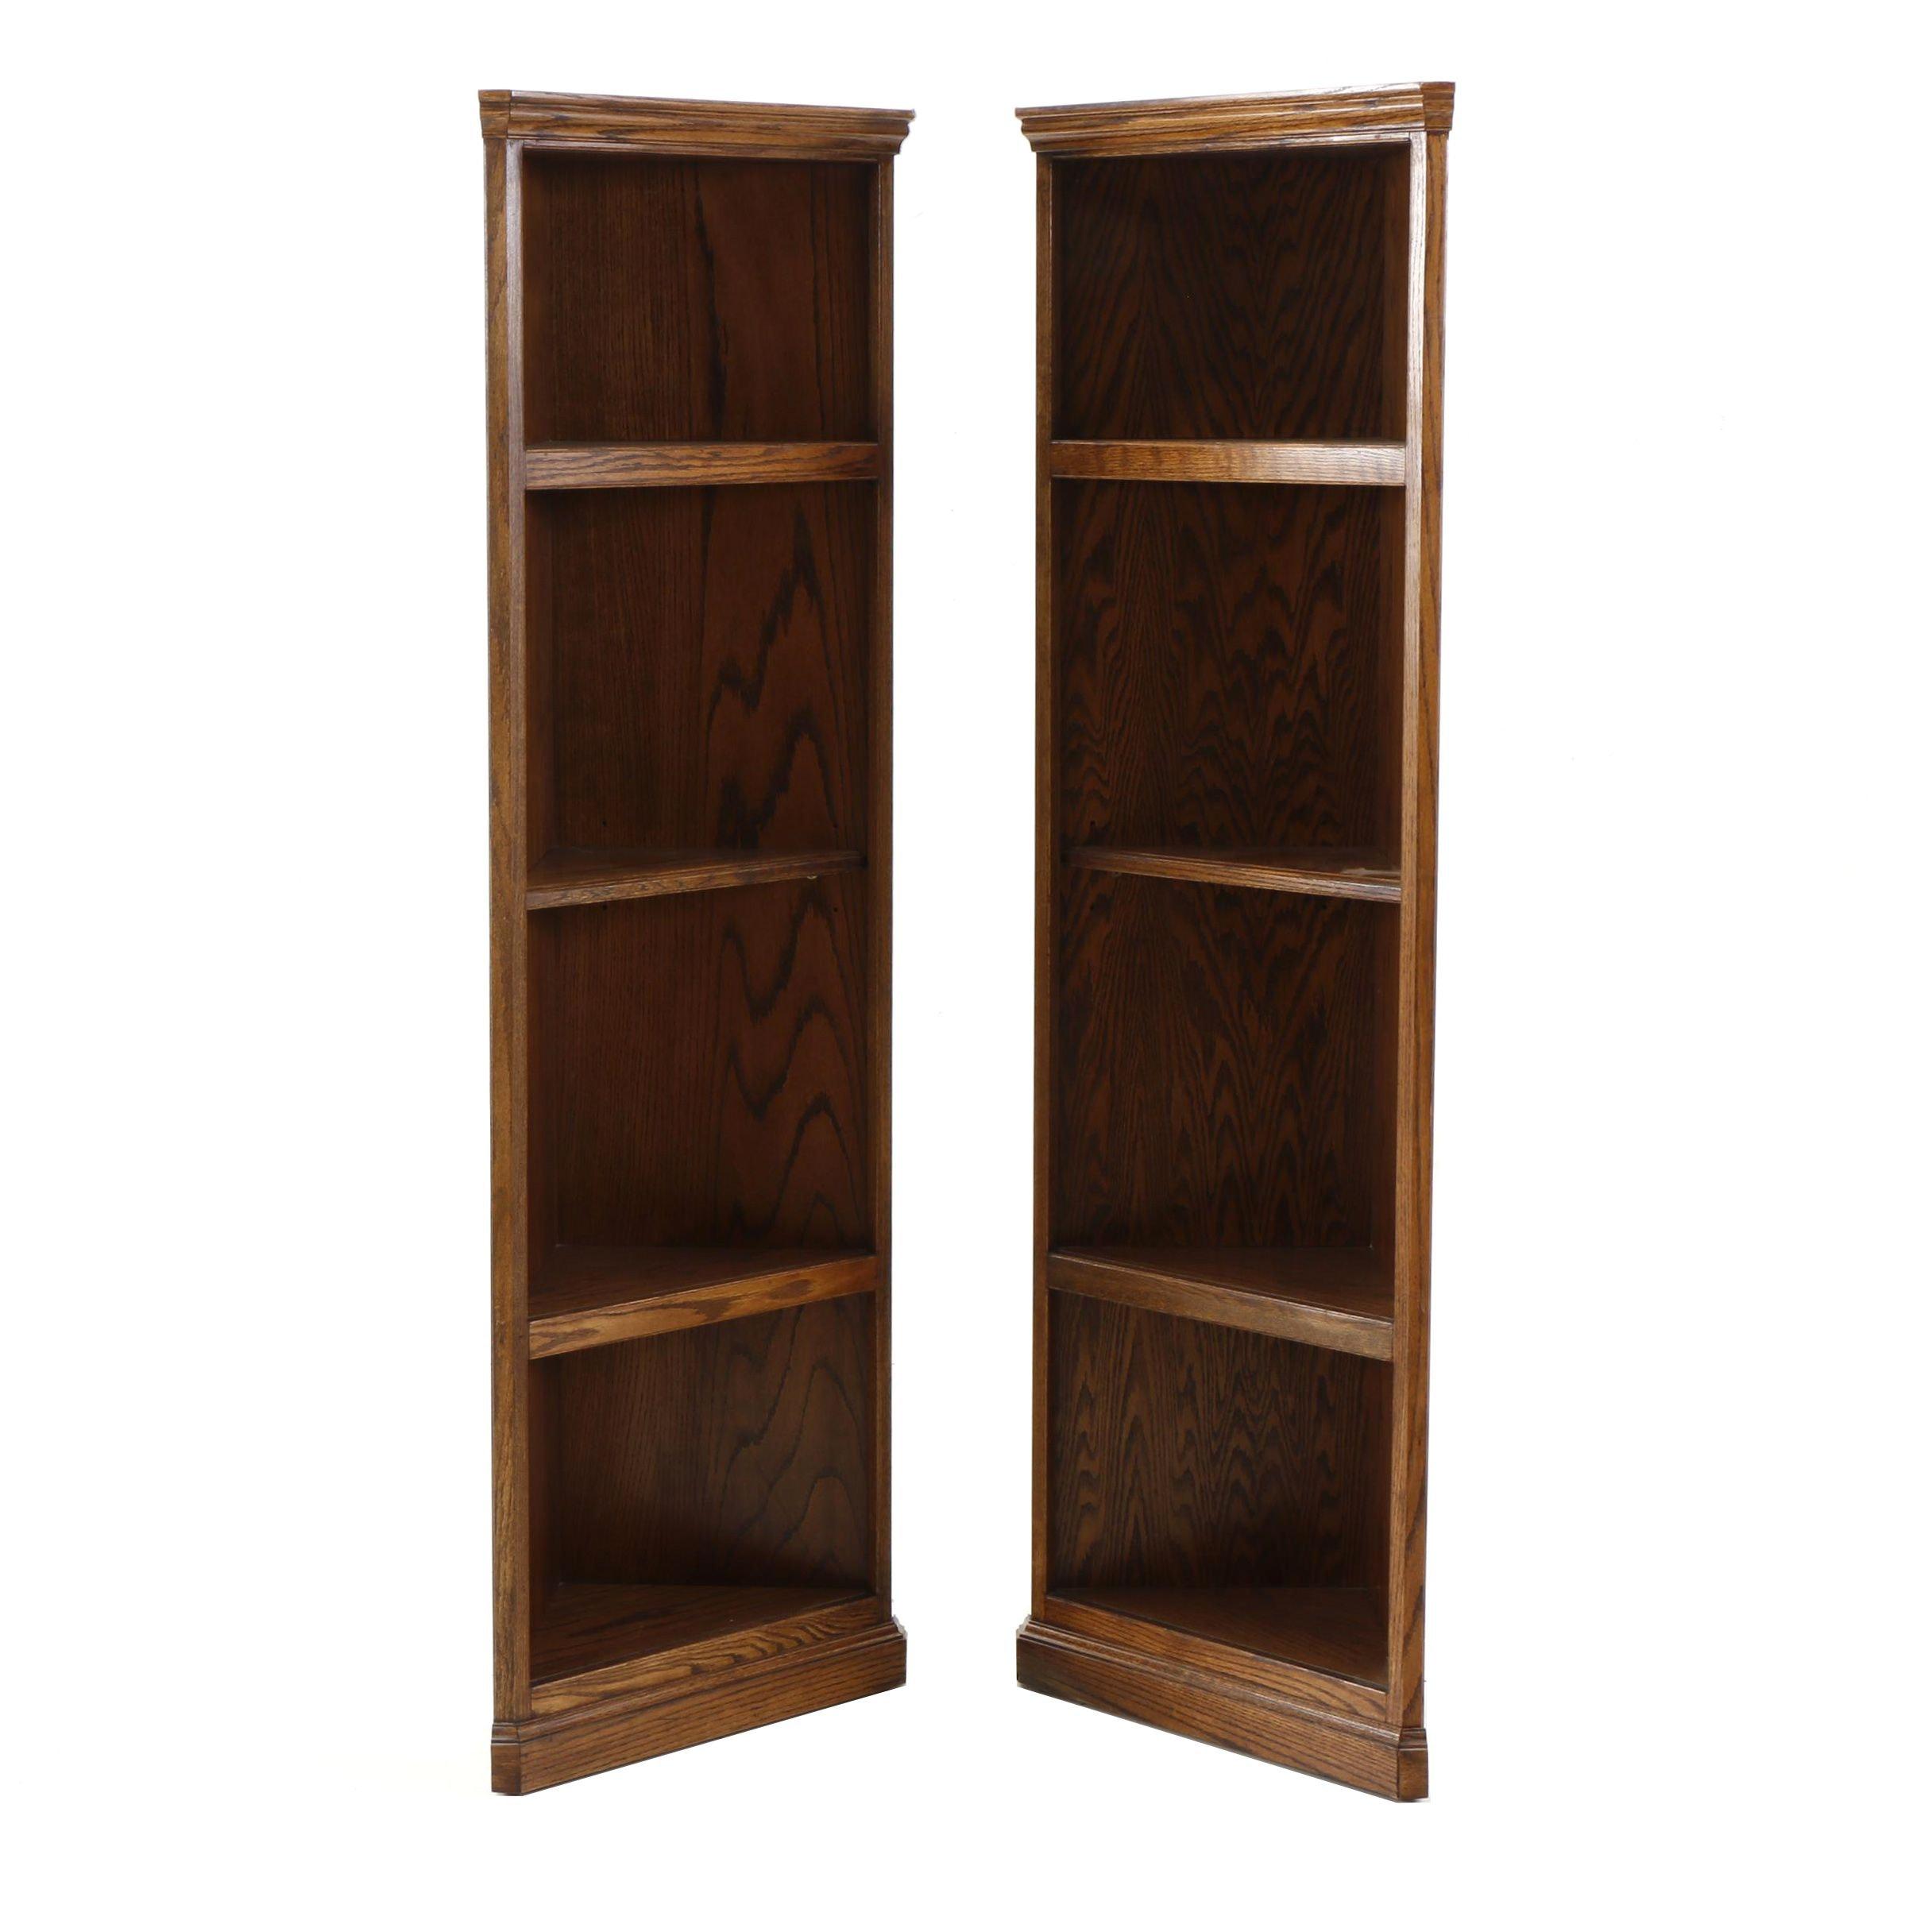 Contemporary Corner Bookcases